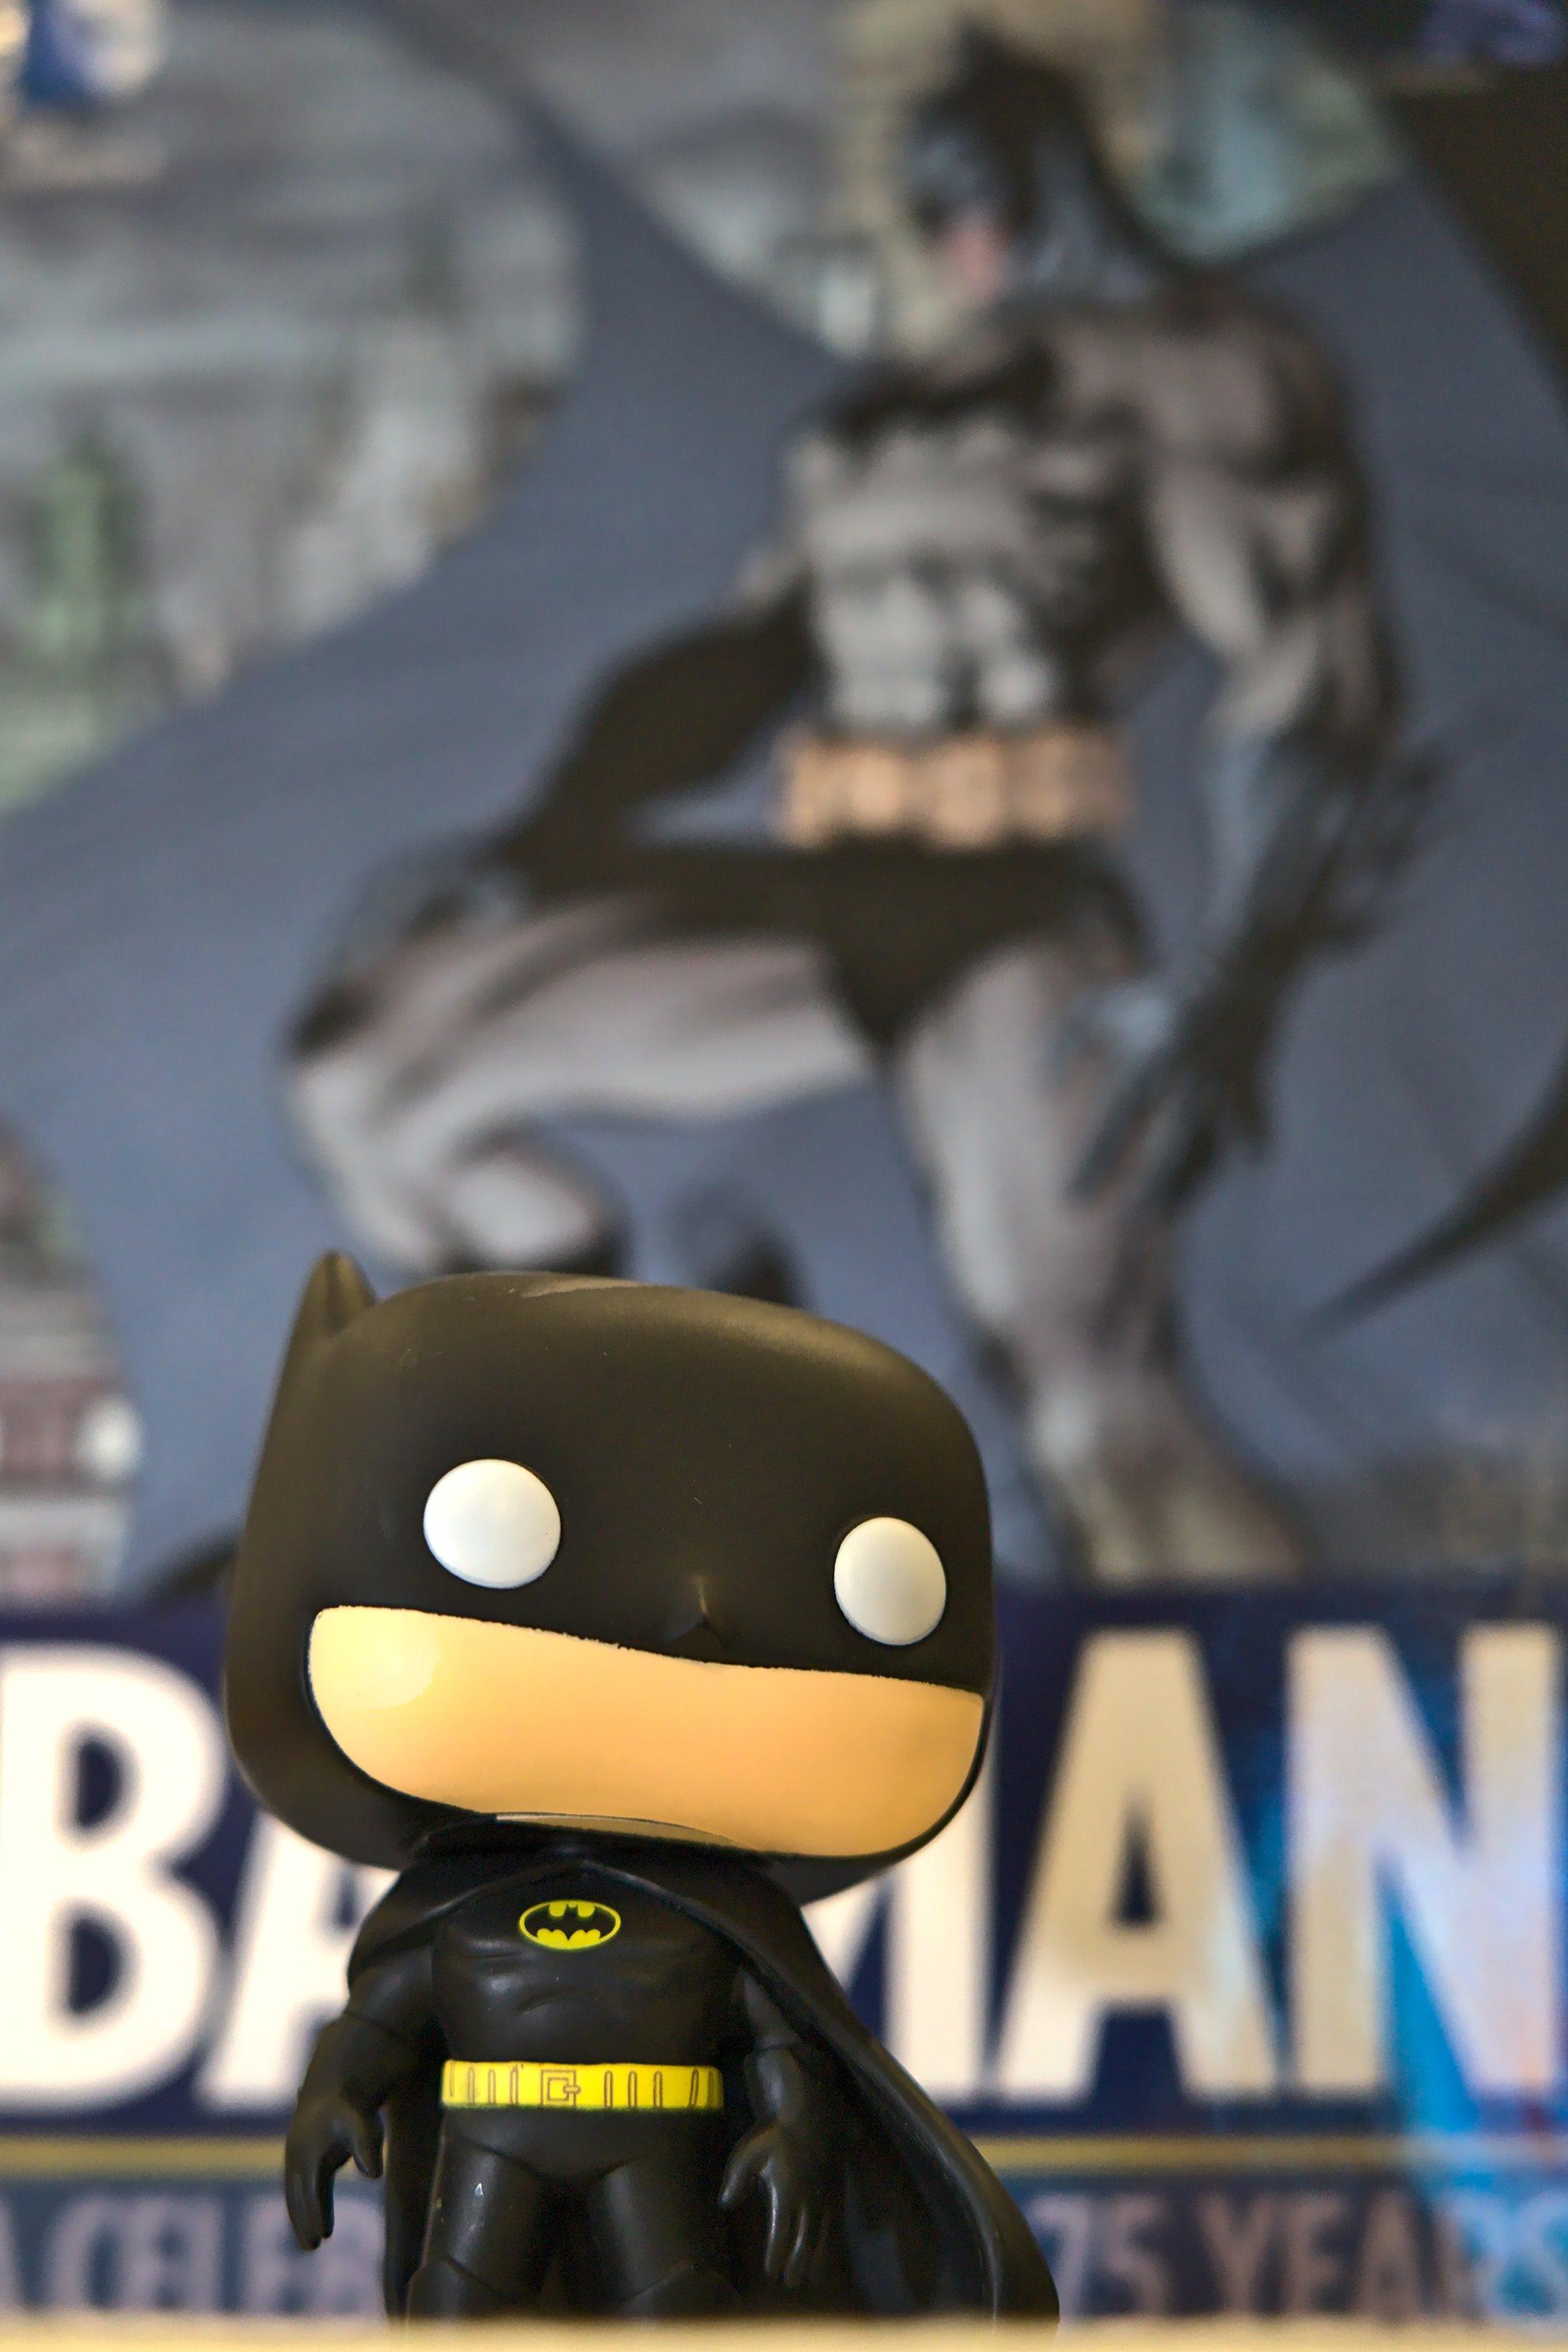 Batman and Batman